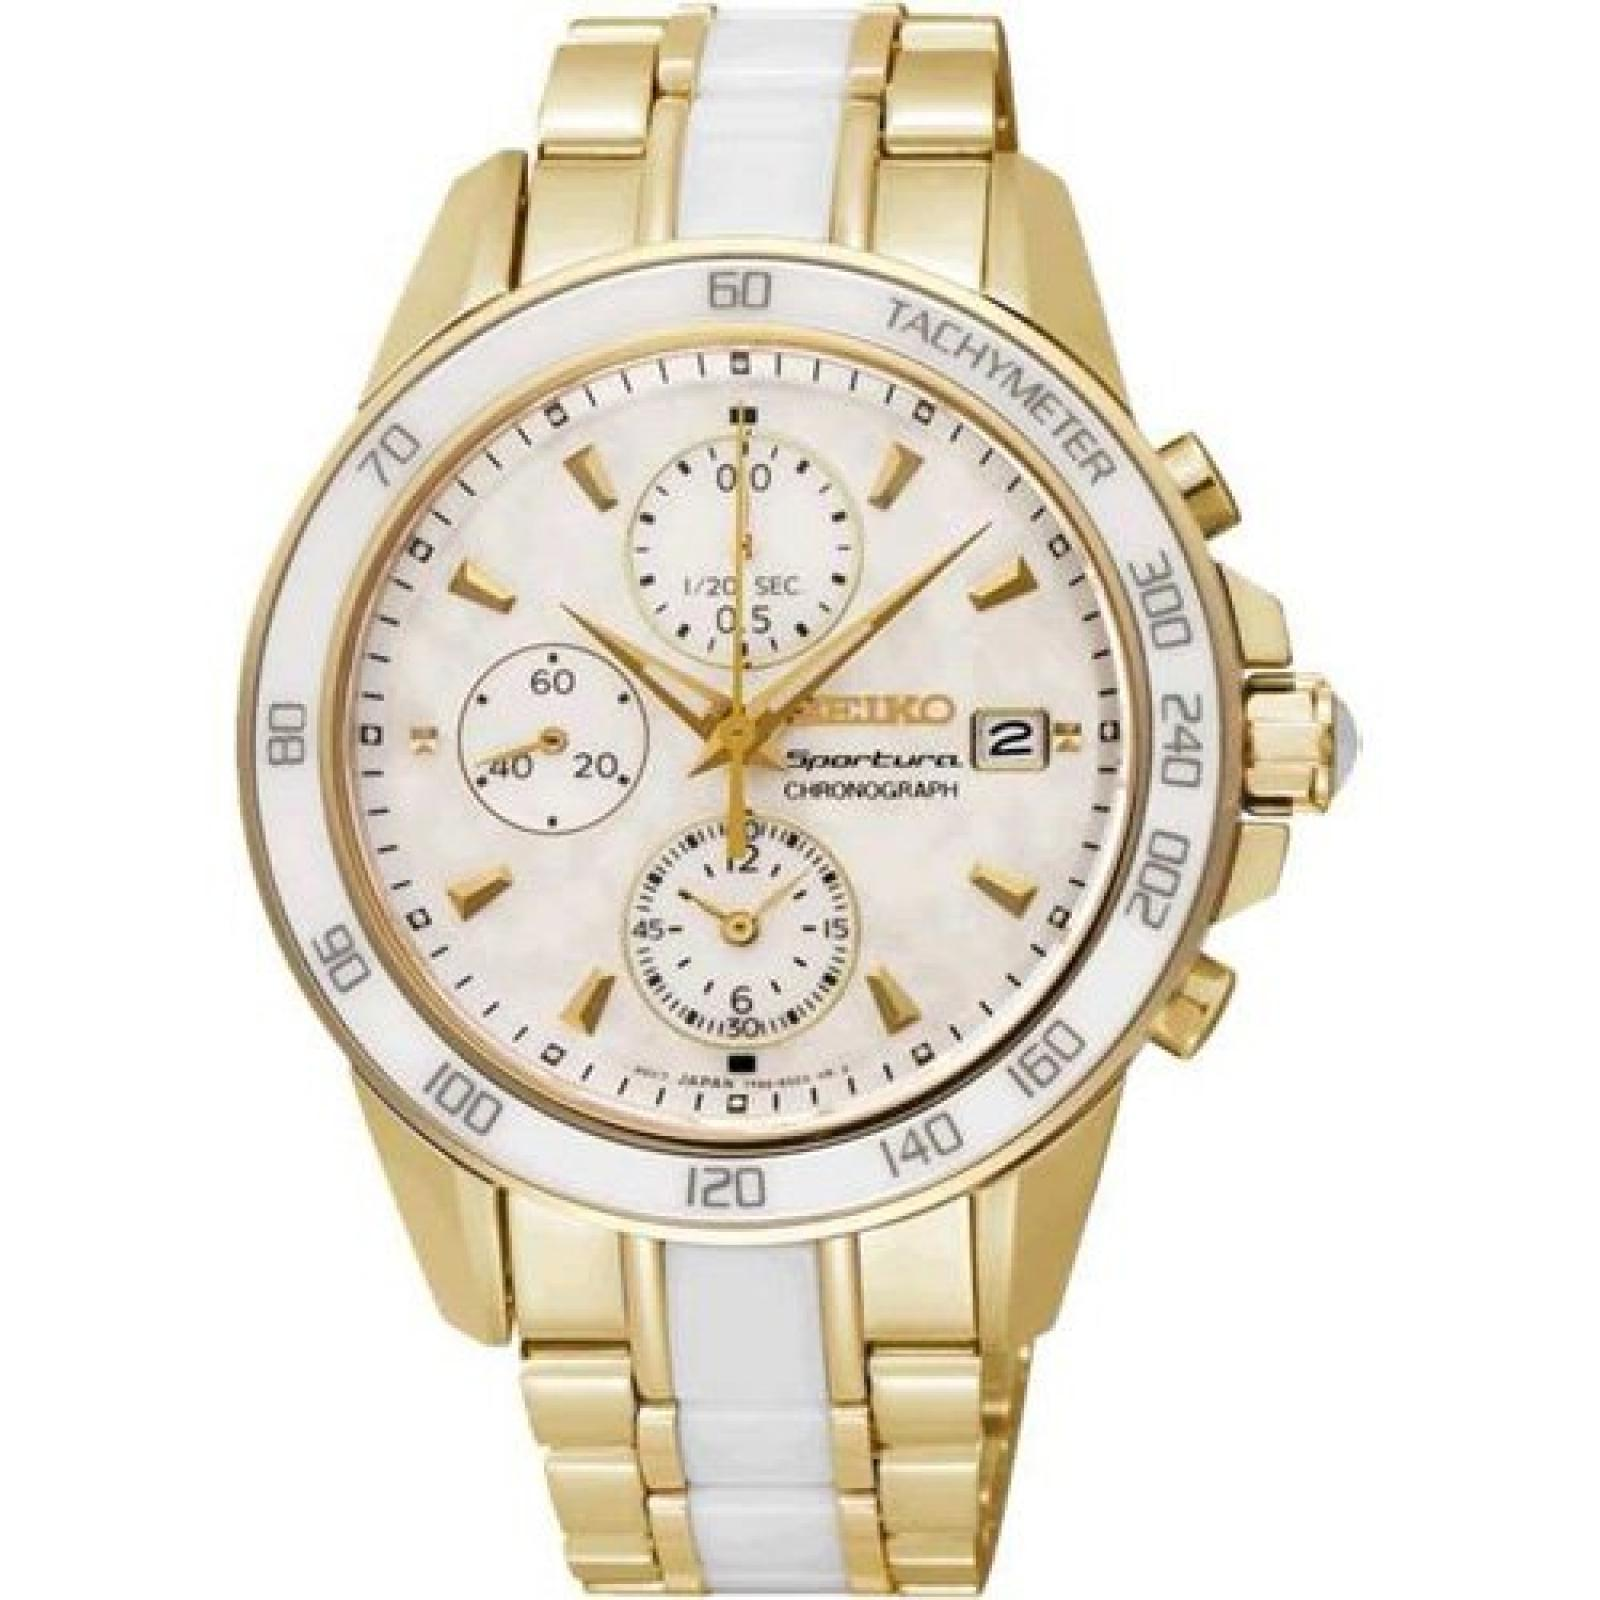 Uhr Seiko Sportura Sndx02p1 Damen Weiß